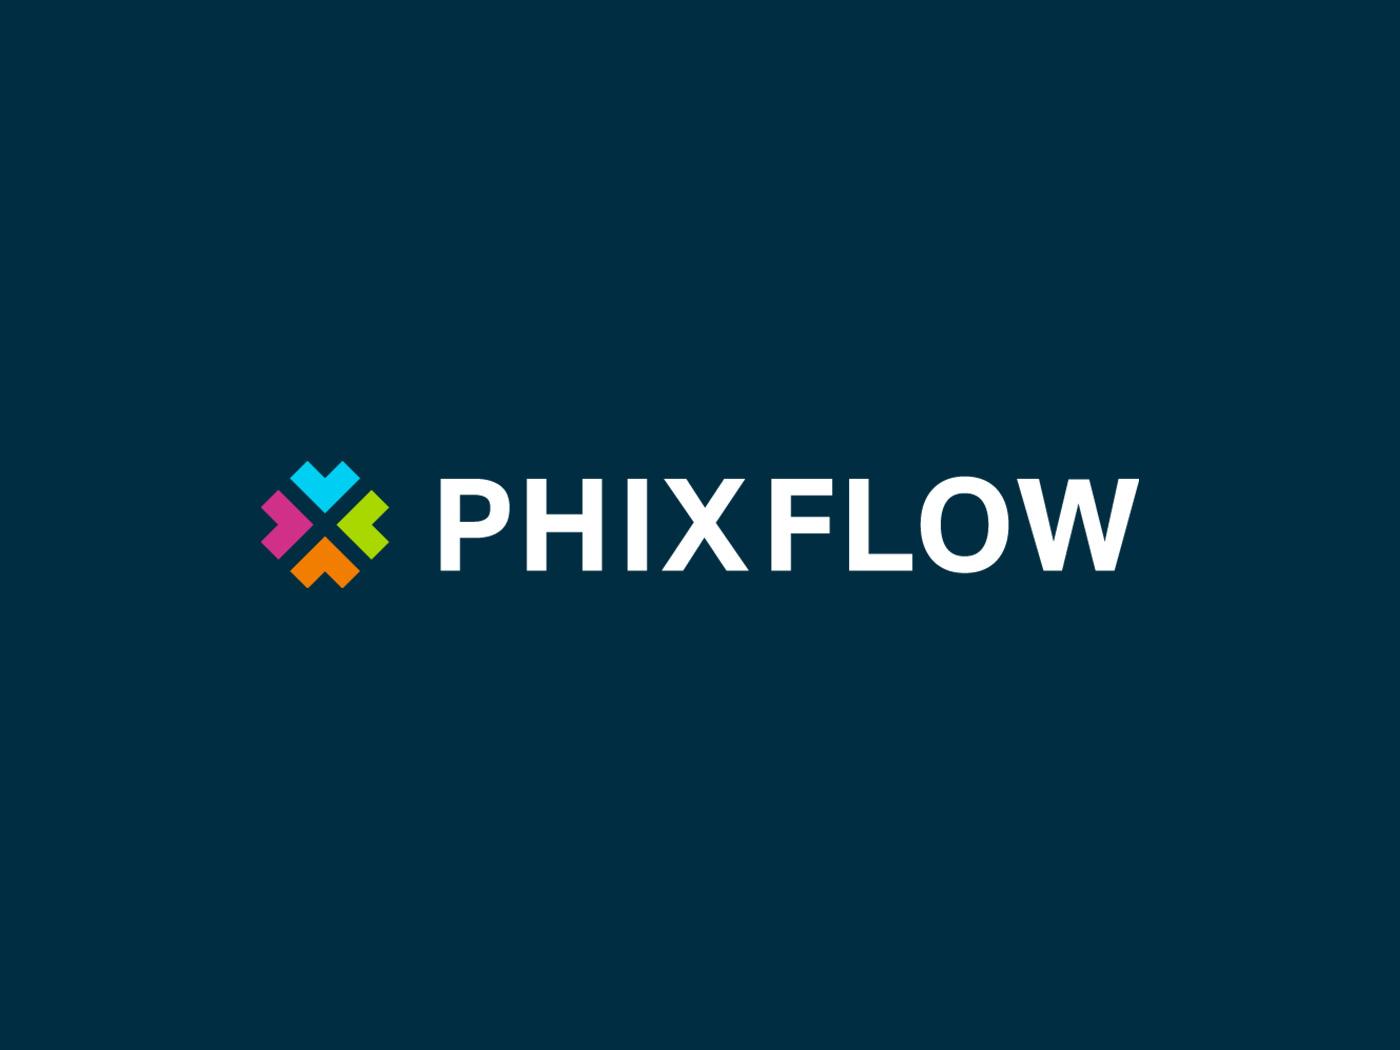 PhixFlow secondary brand, by Chiara Mensa